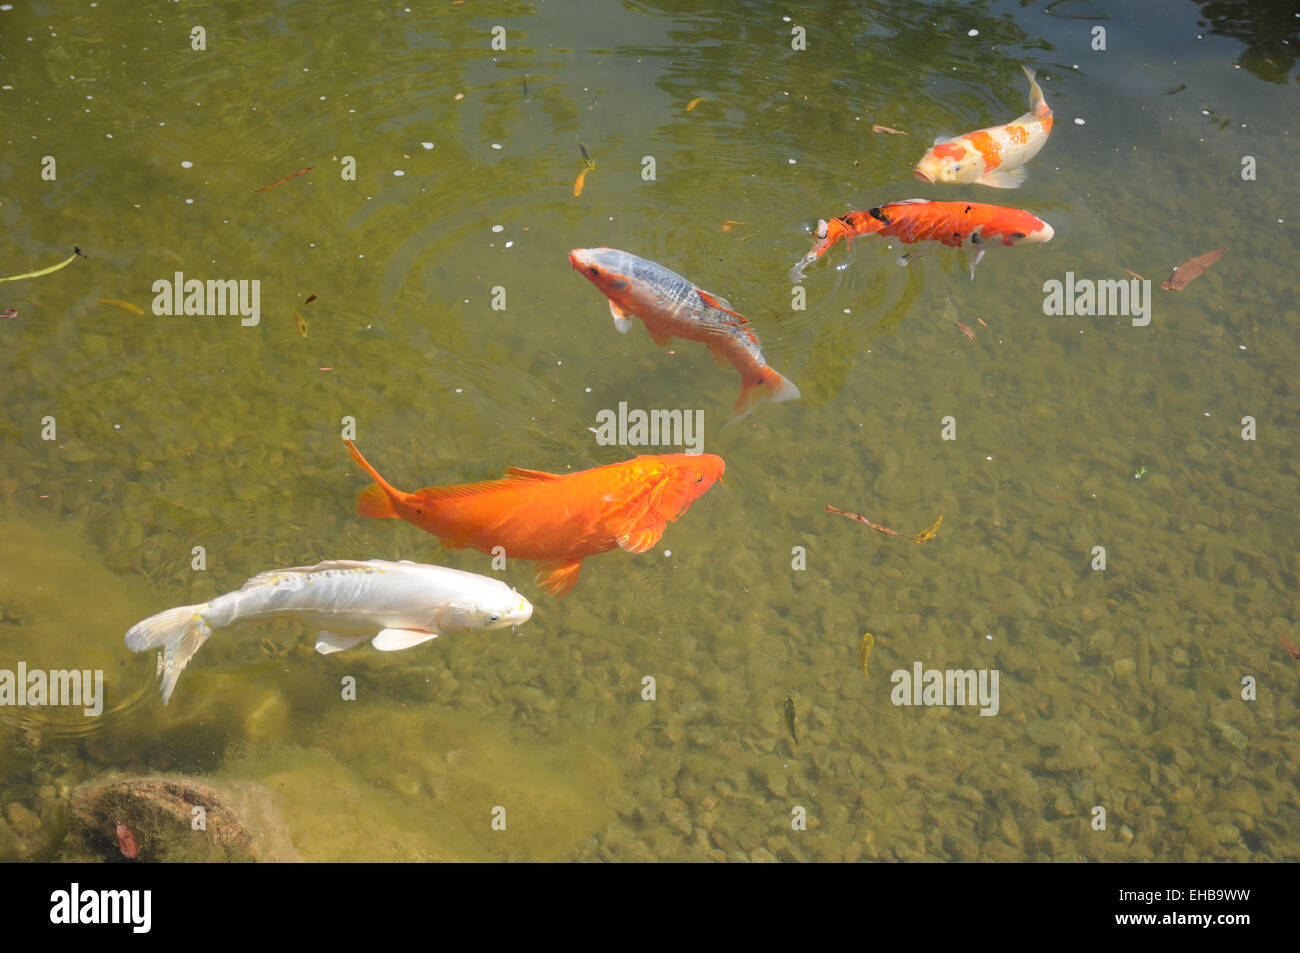 Fischteich stockfotos fischteich bilder alamy for Koi fische im gartenteich